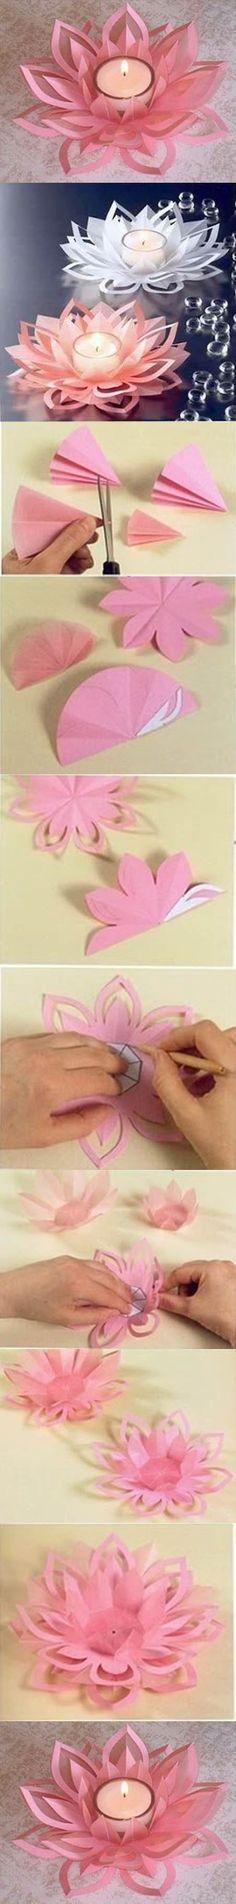 Un lotus en papier pour embellir une bougie